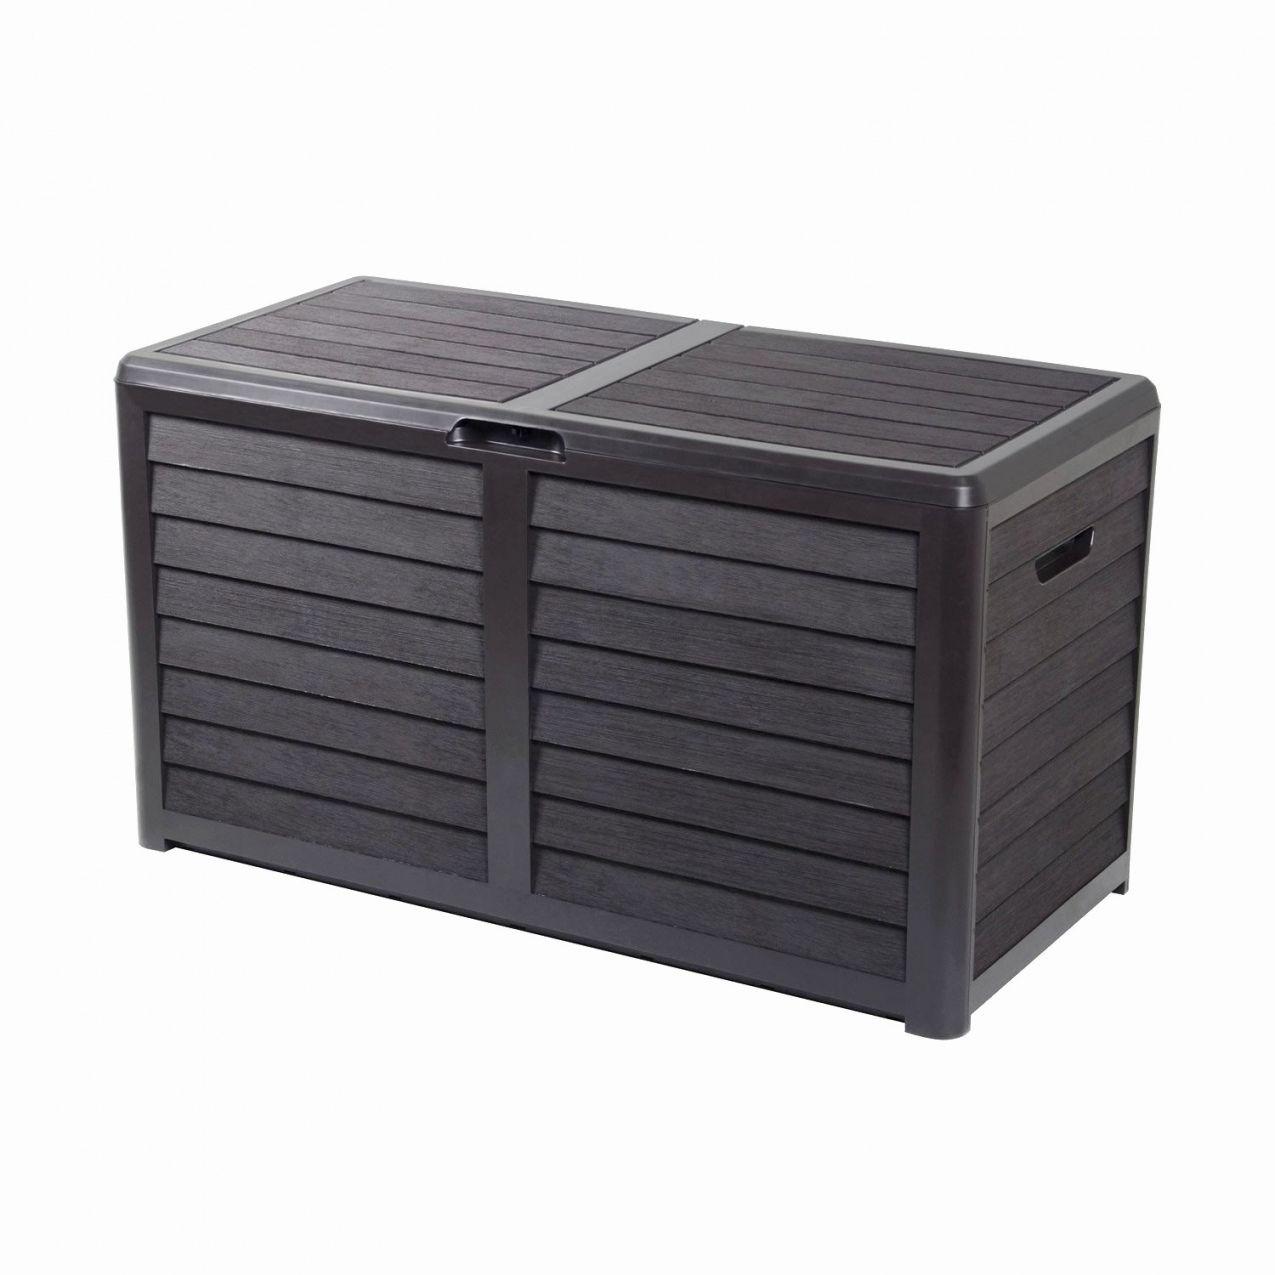 28 Range Outils De Jardin Leroy Merlin 2020 Outdoor Storage Box Outdoor Furniture Outdoor Decor